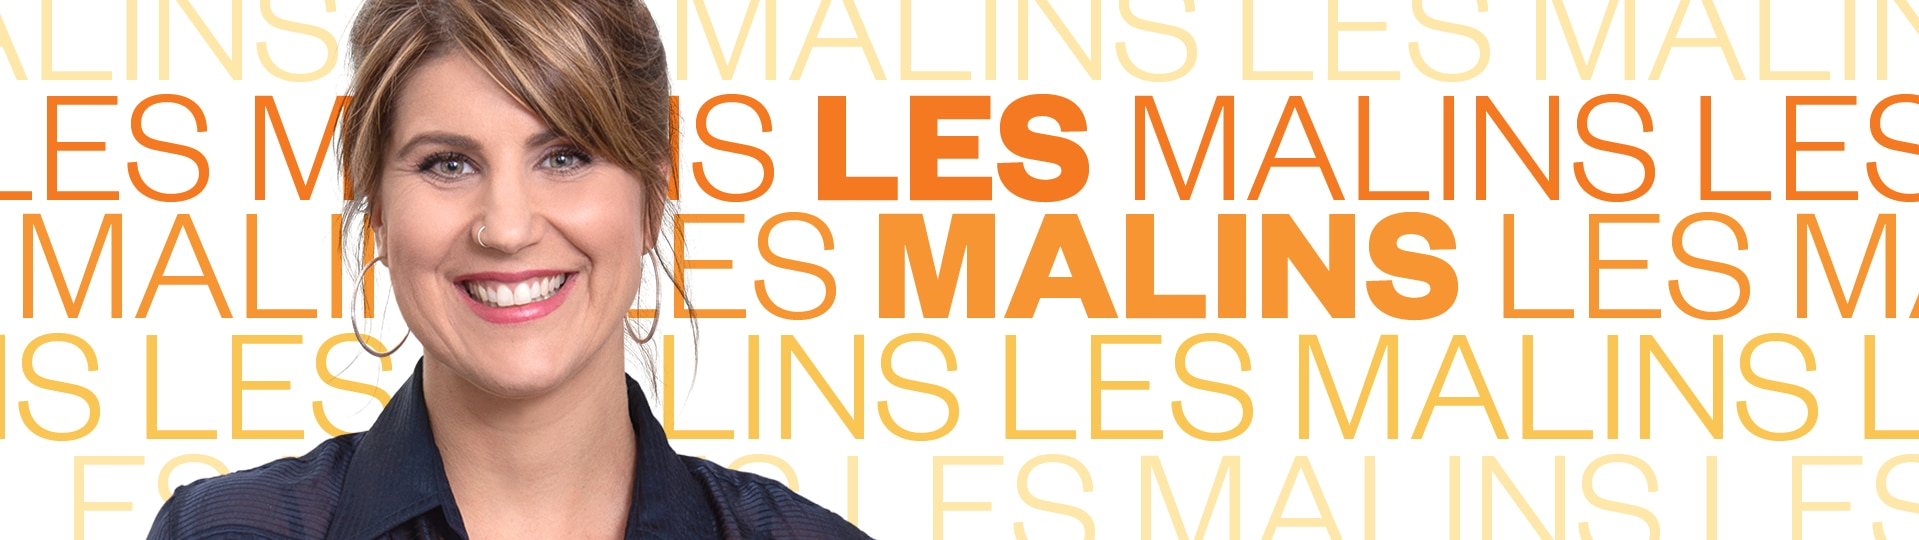 Montage photo avec Jhade Montpetit, l'animatrice de l'émission Les malins d'ICI Première et le nom de l'émission.